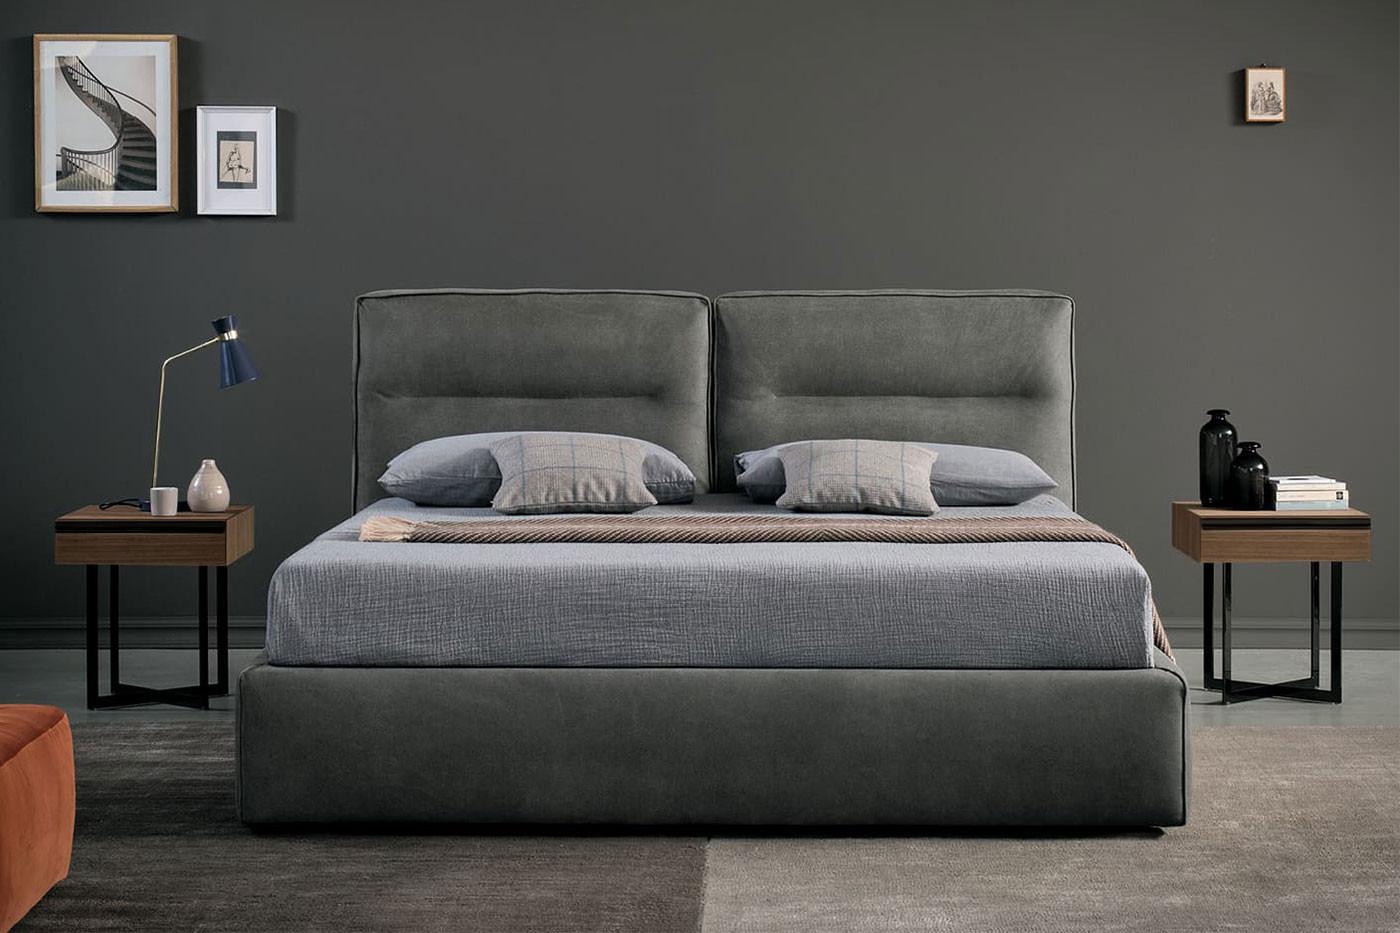 Doppelbett mit gepolsterten Kopfteilkissen für eine hohe und bequeme Rückenlehne